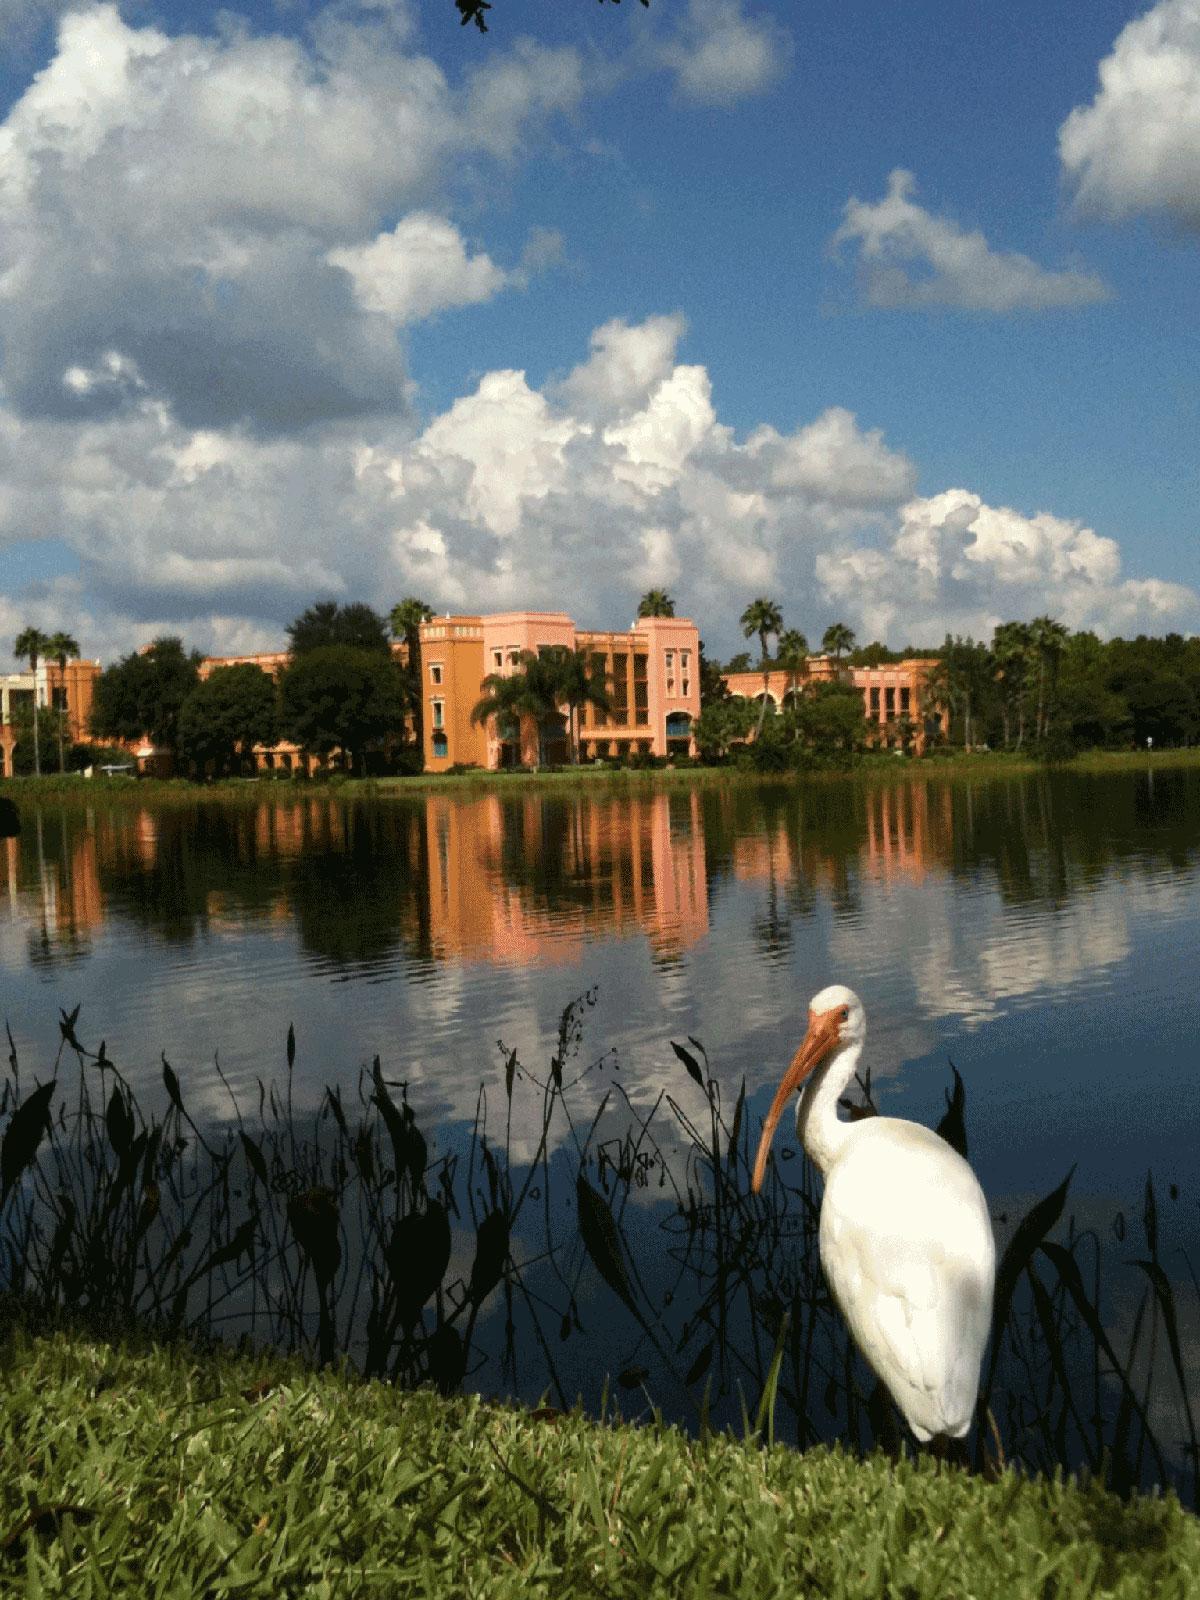 Bird at Coronado Resort, Disney World